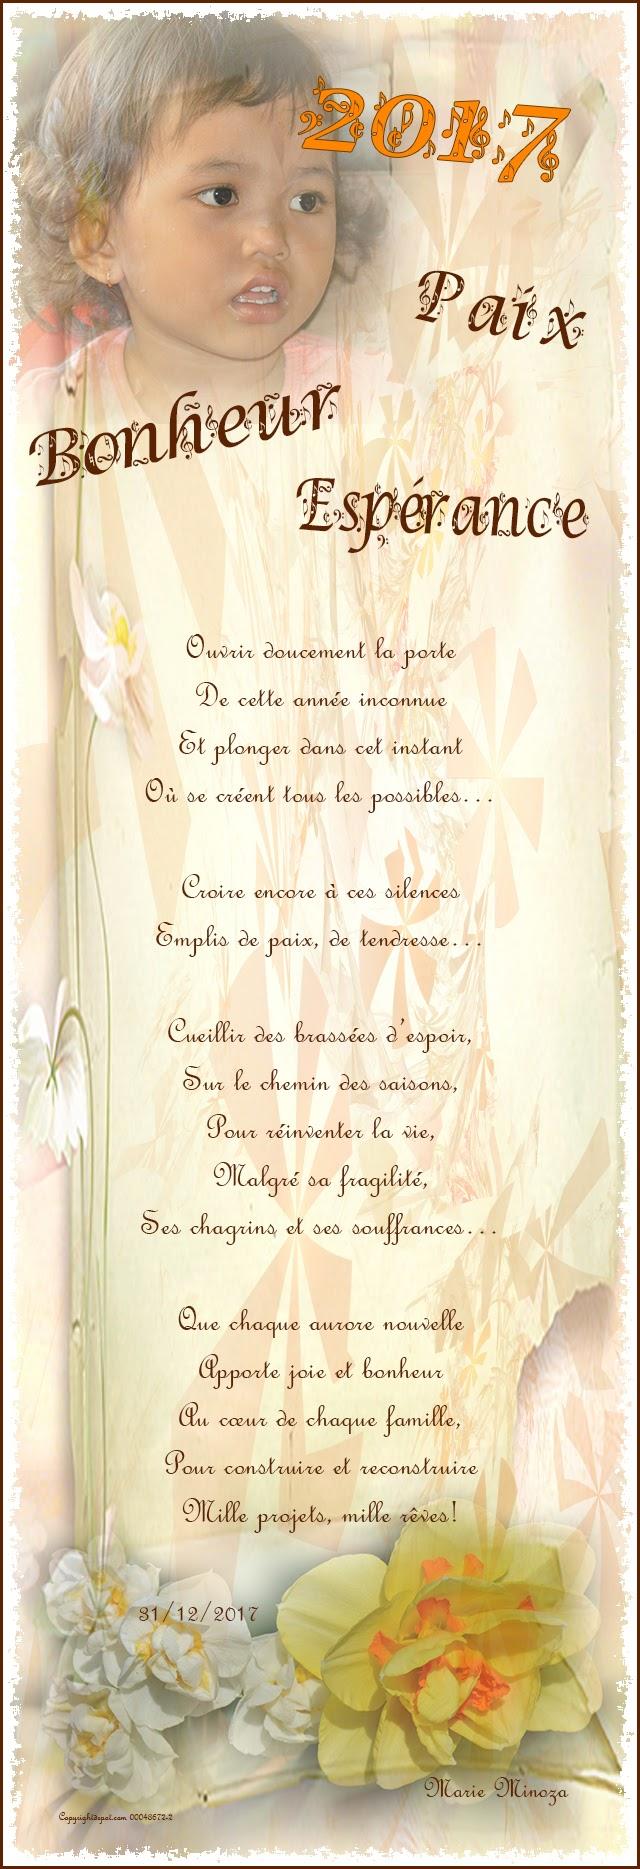 Au Pays Des Images Et Des Mots Poème2017paix Bonheur